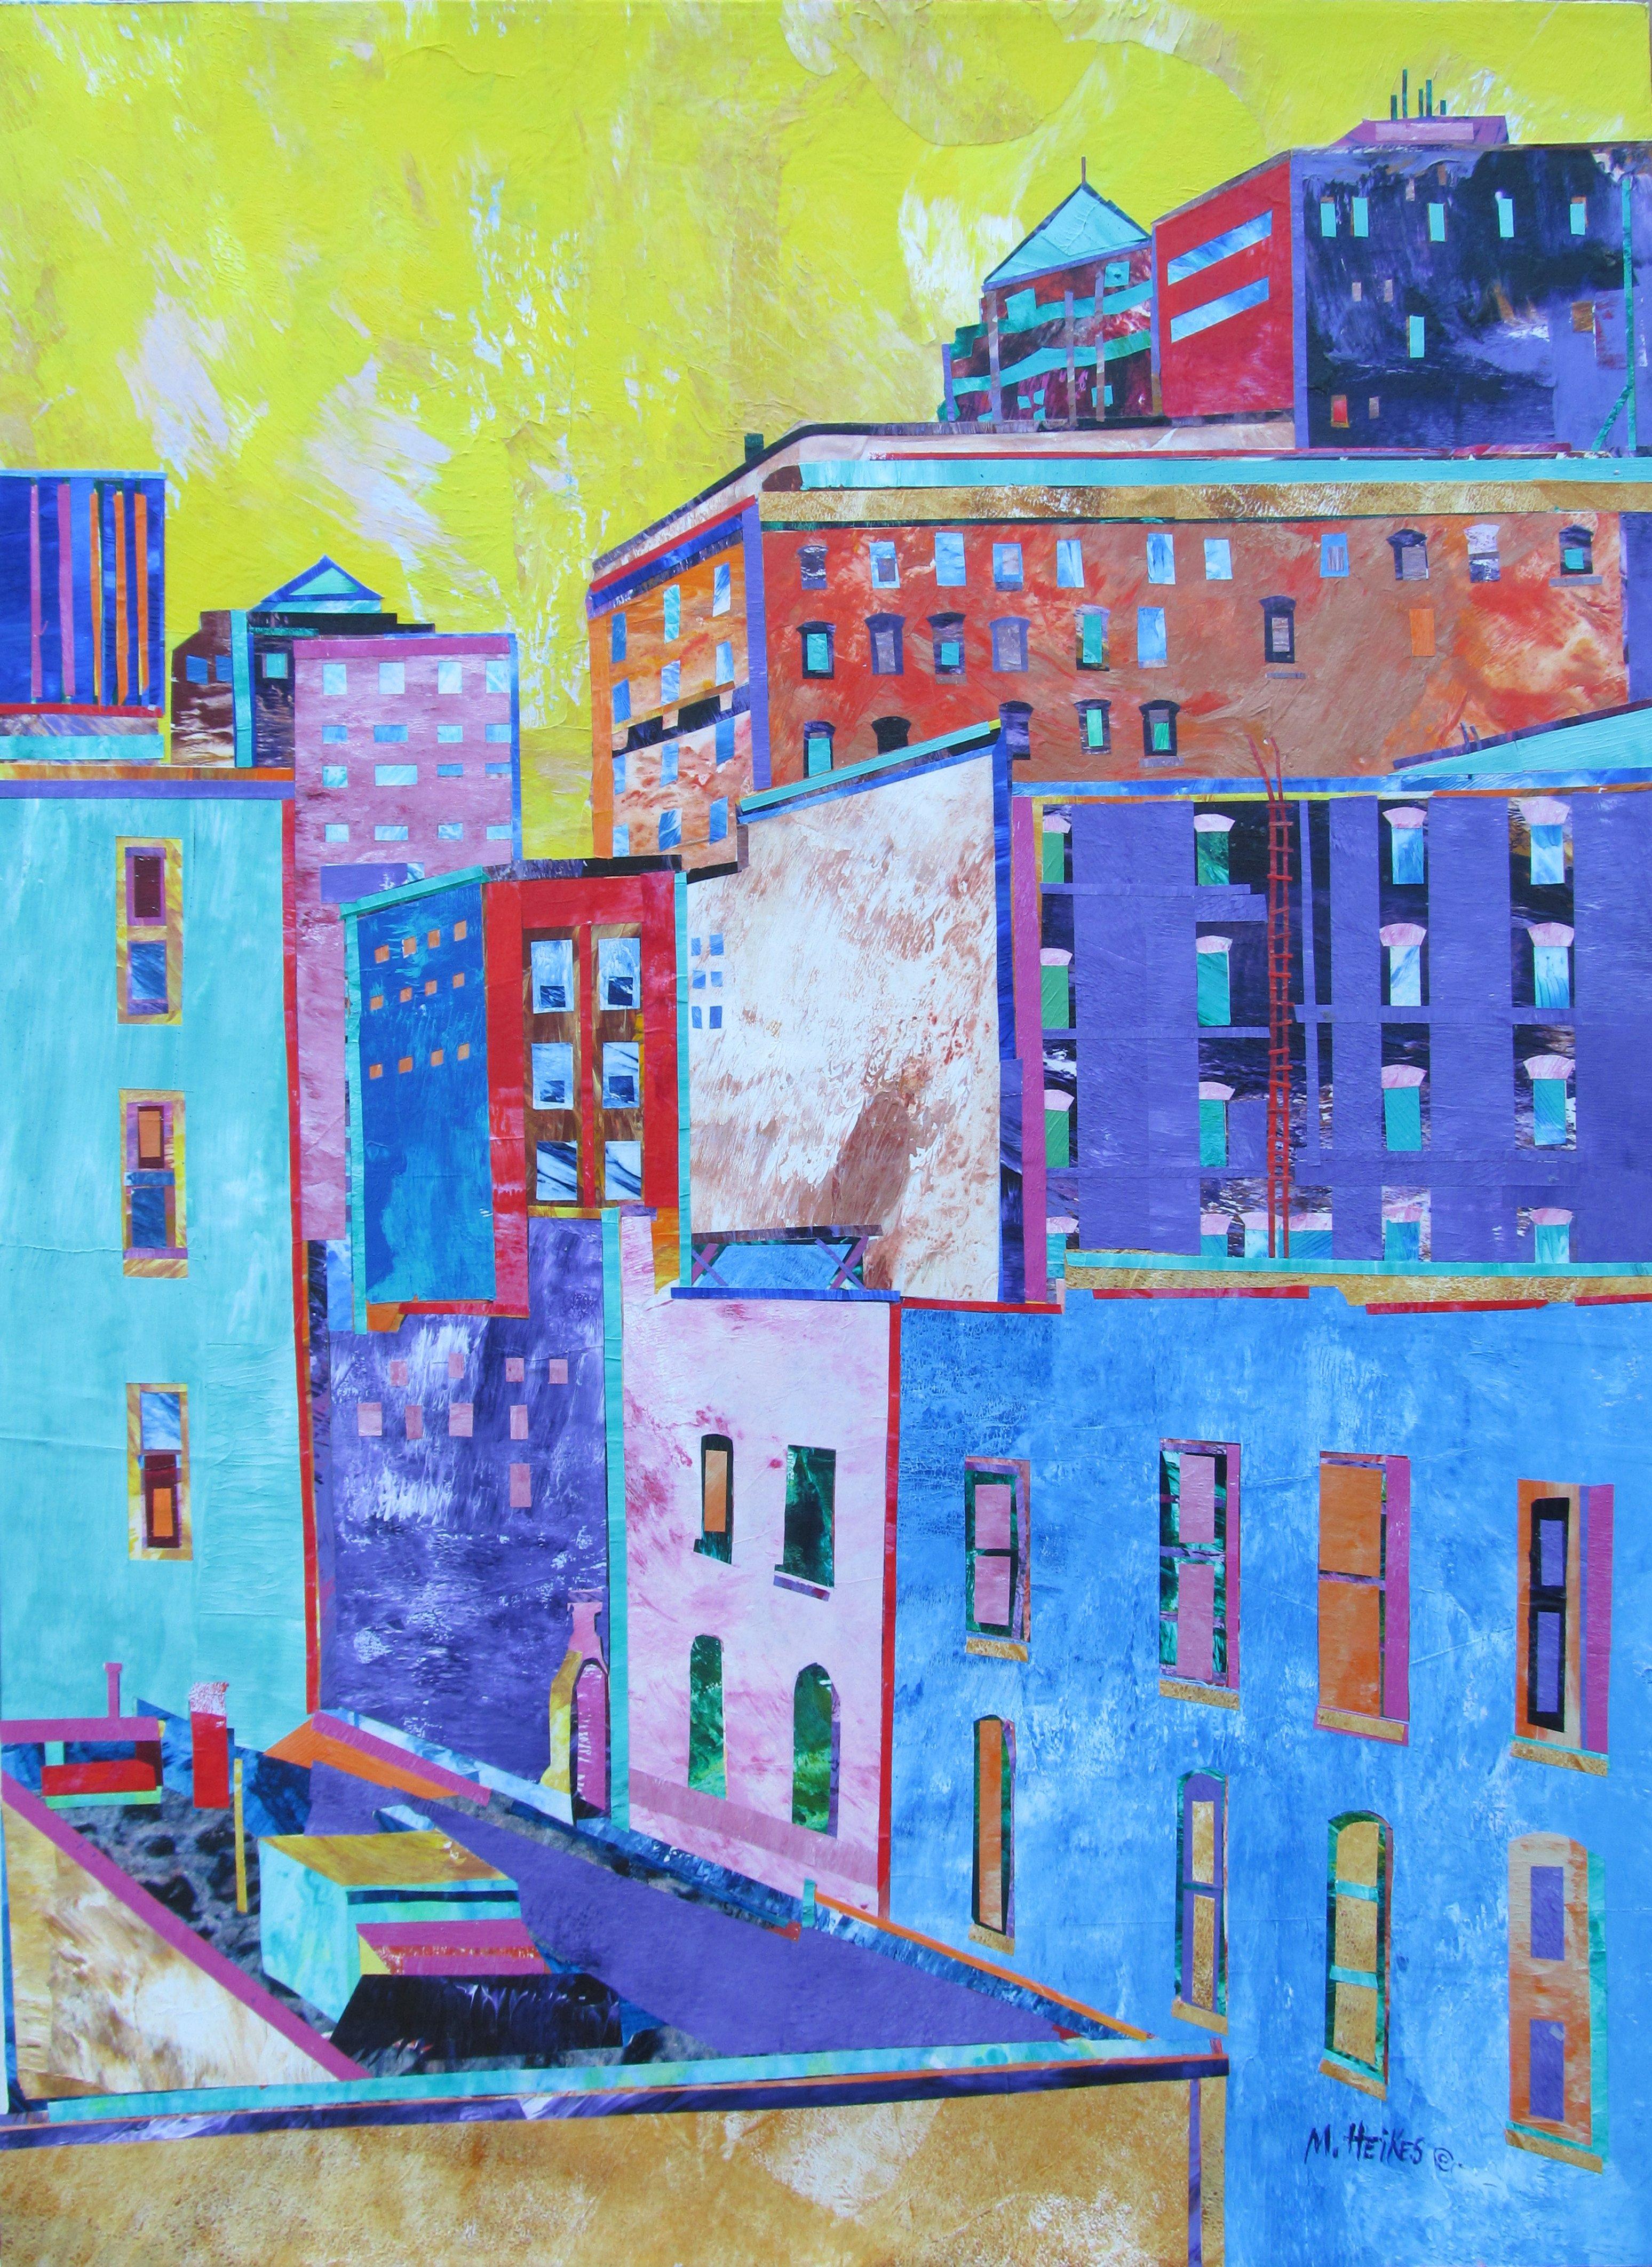 Saffron Sky, Downtown Des Moines